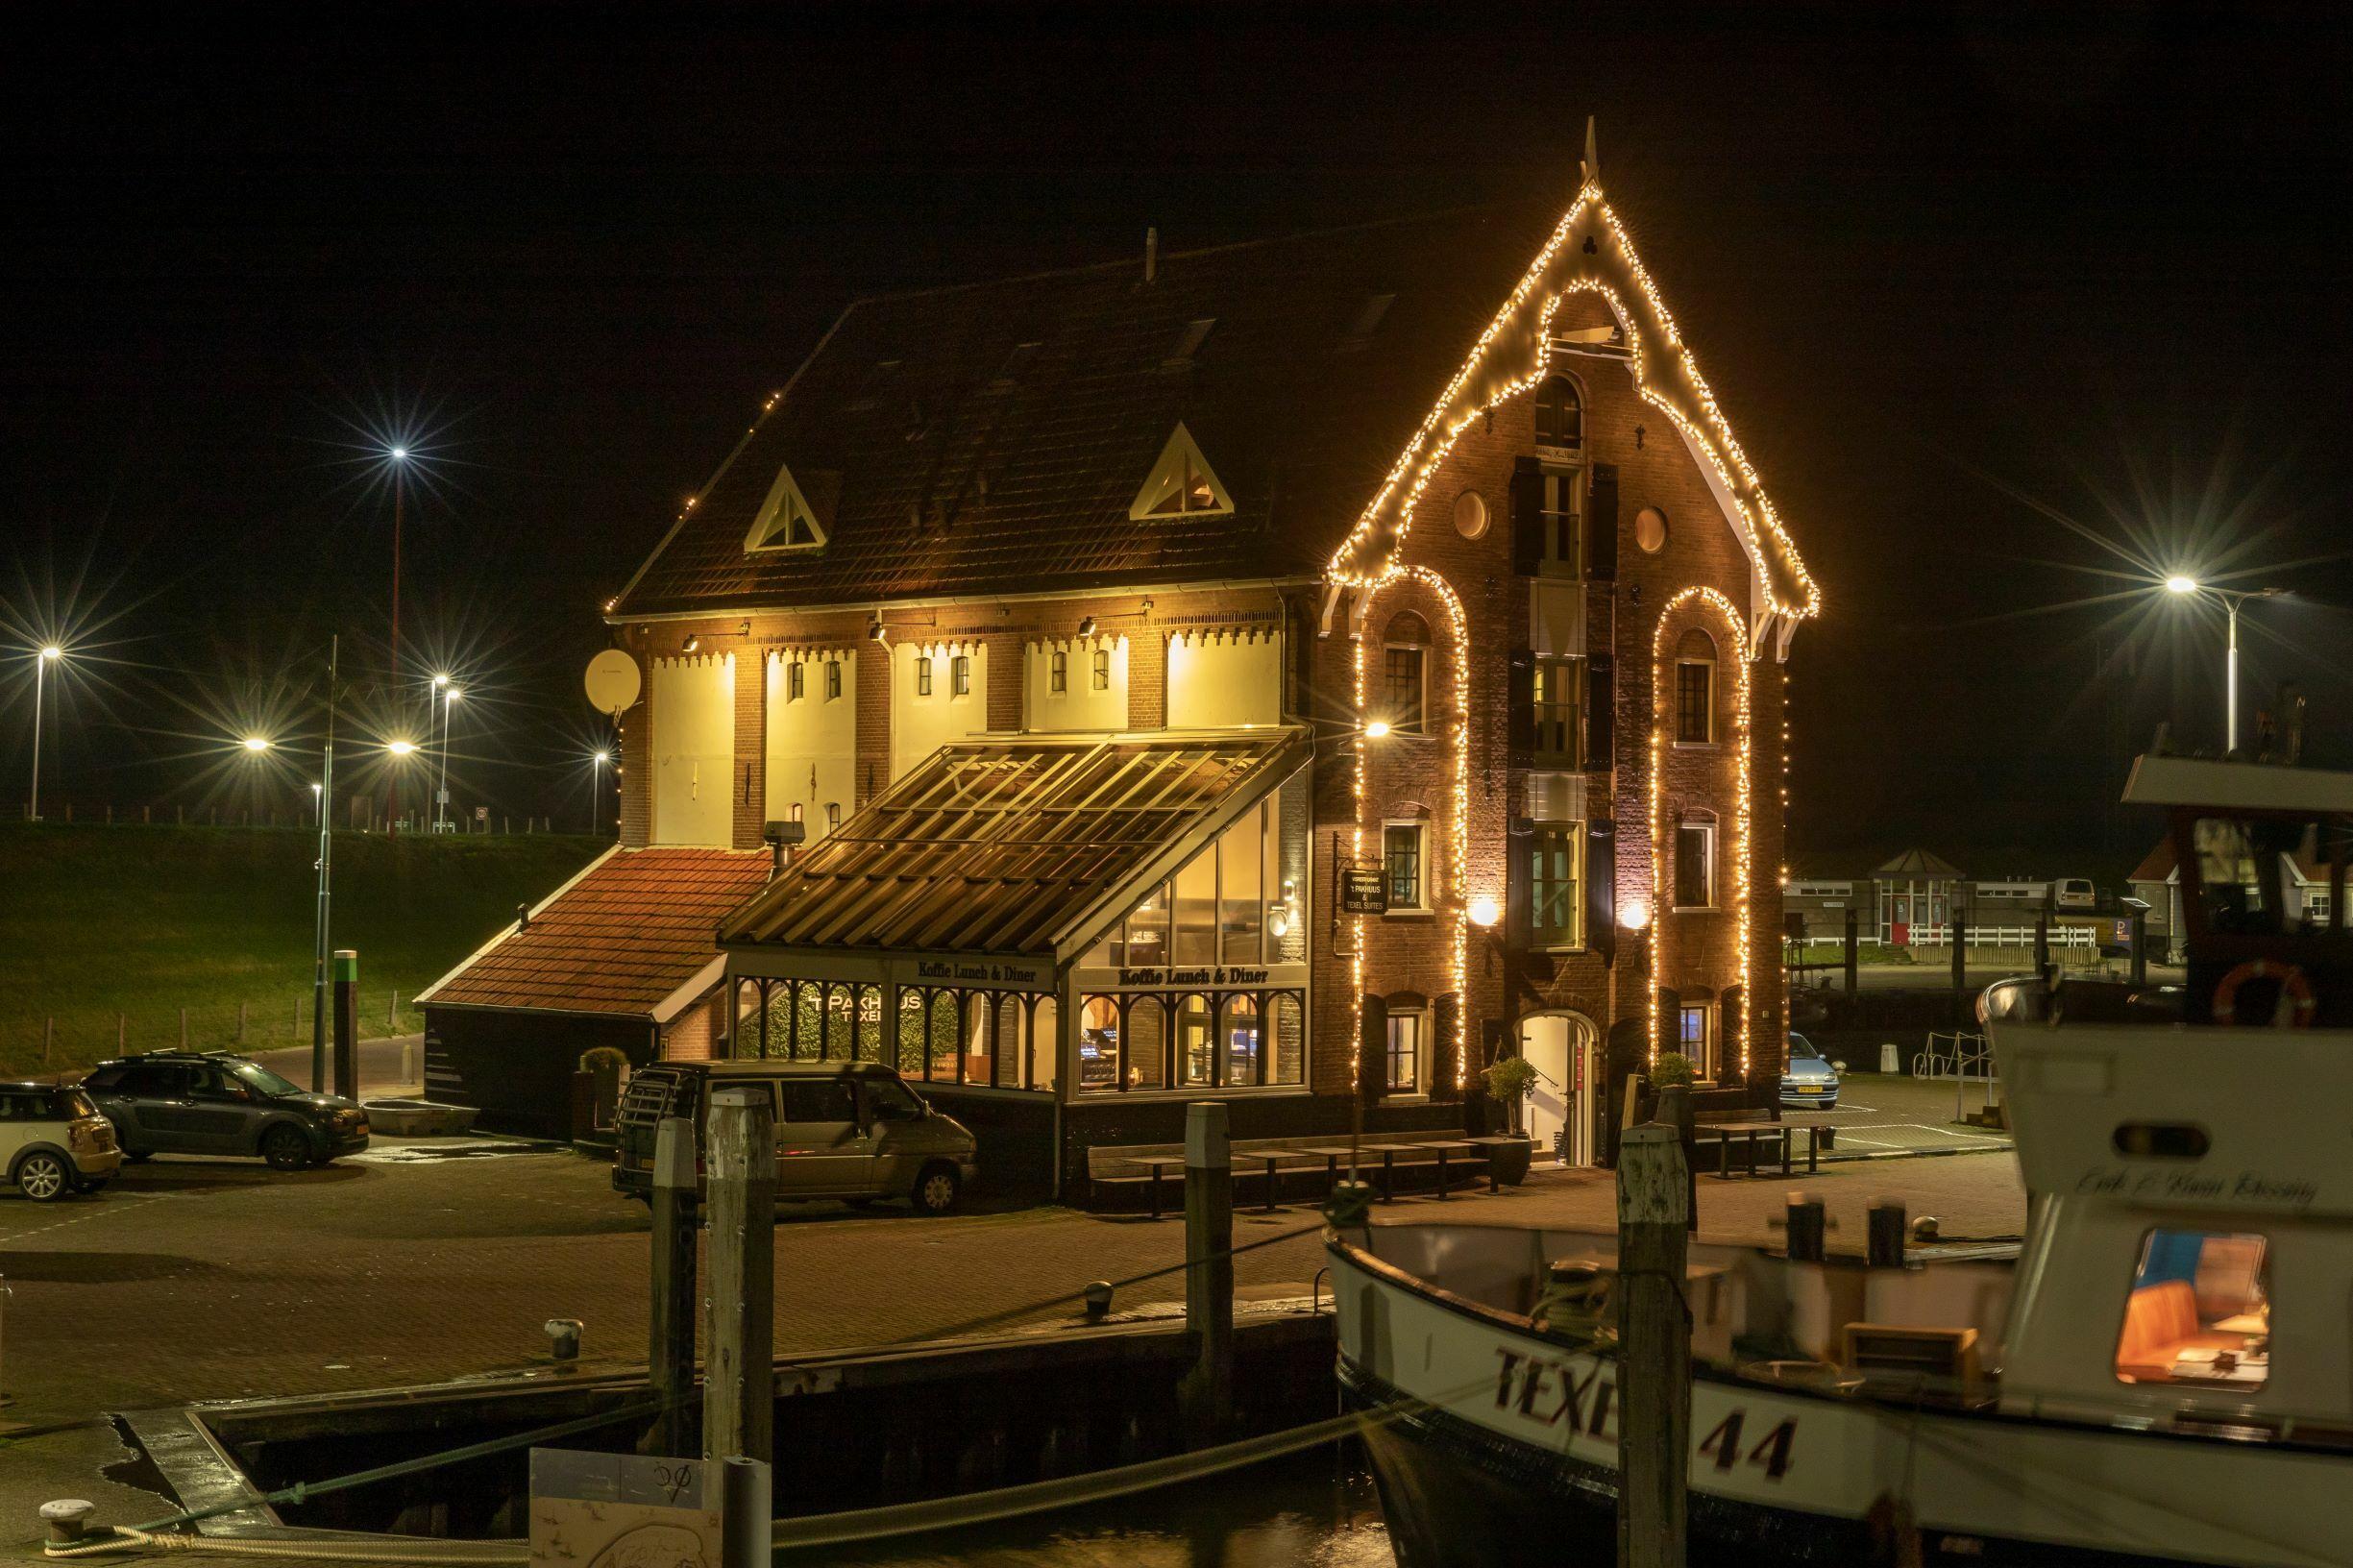 Pakhuus op de haven van Oudeschild met sfeerverlichting VVV Texel fotograaf Evalien Weterings